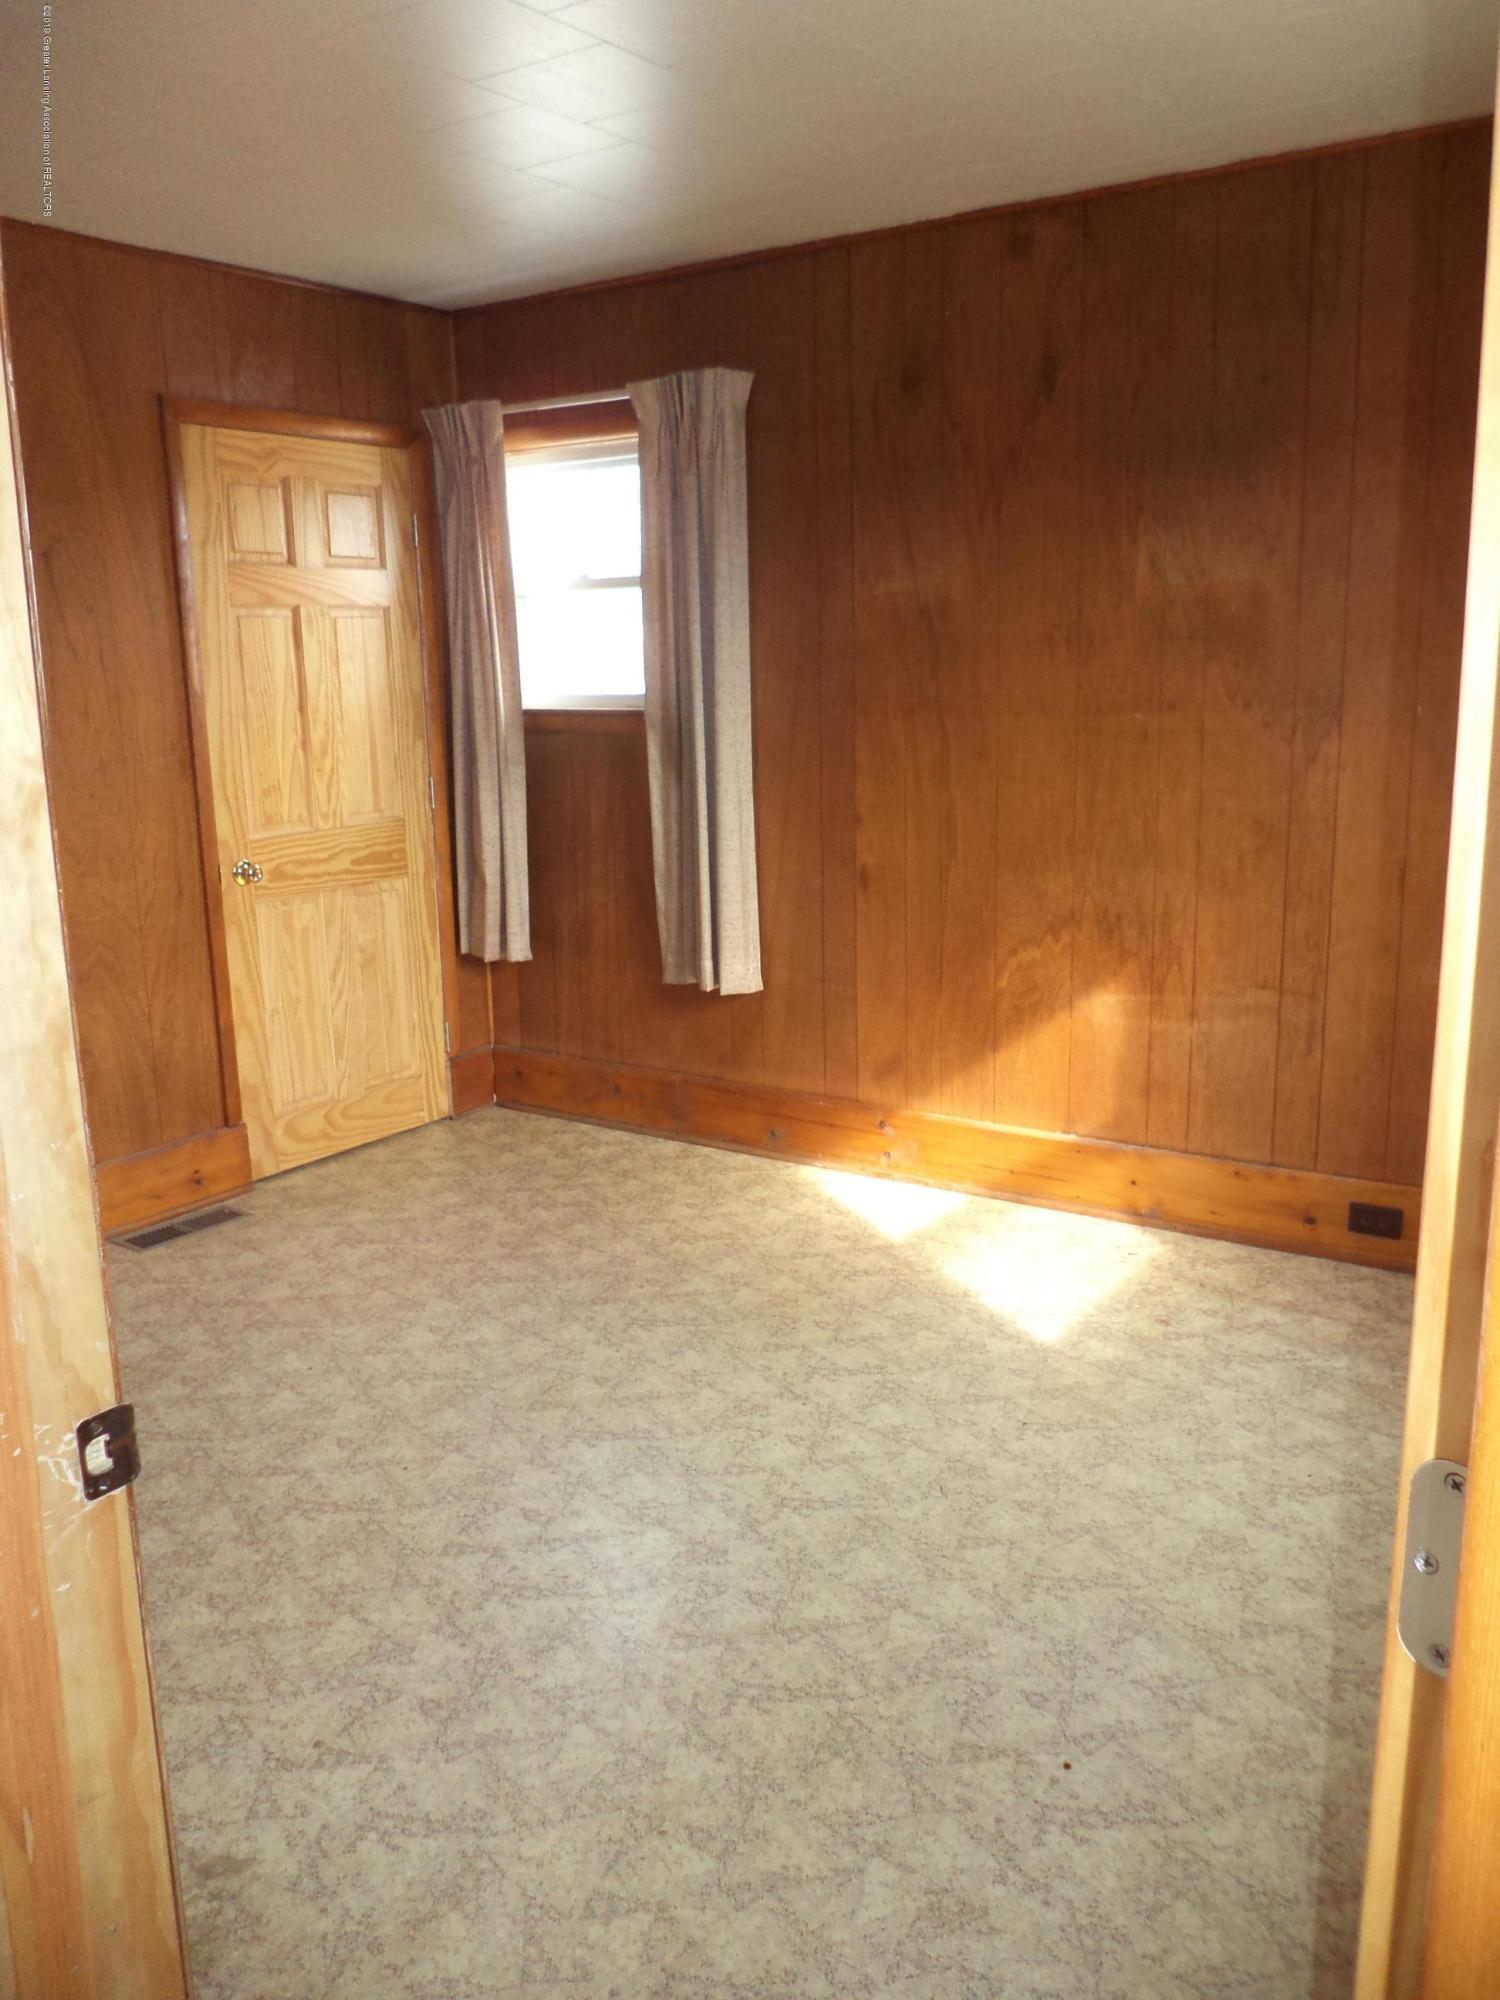 4861 E Parks Rd - 1st floor bedroom - 10